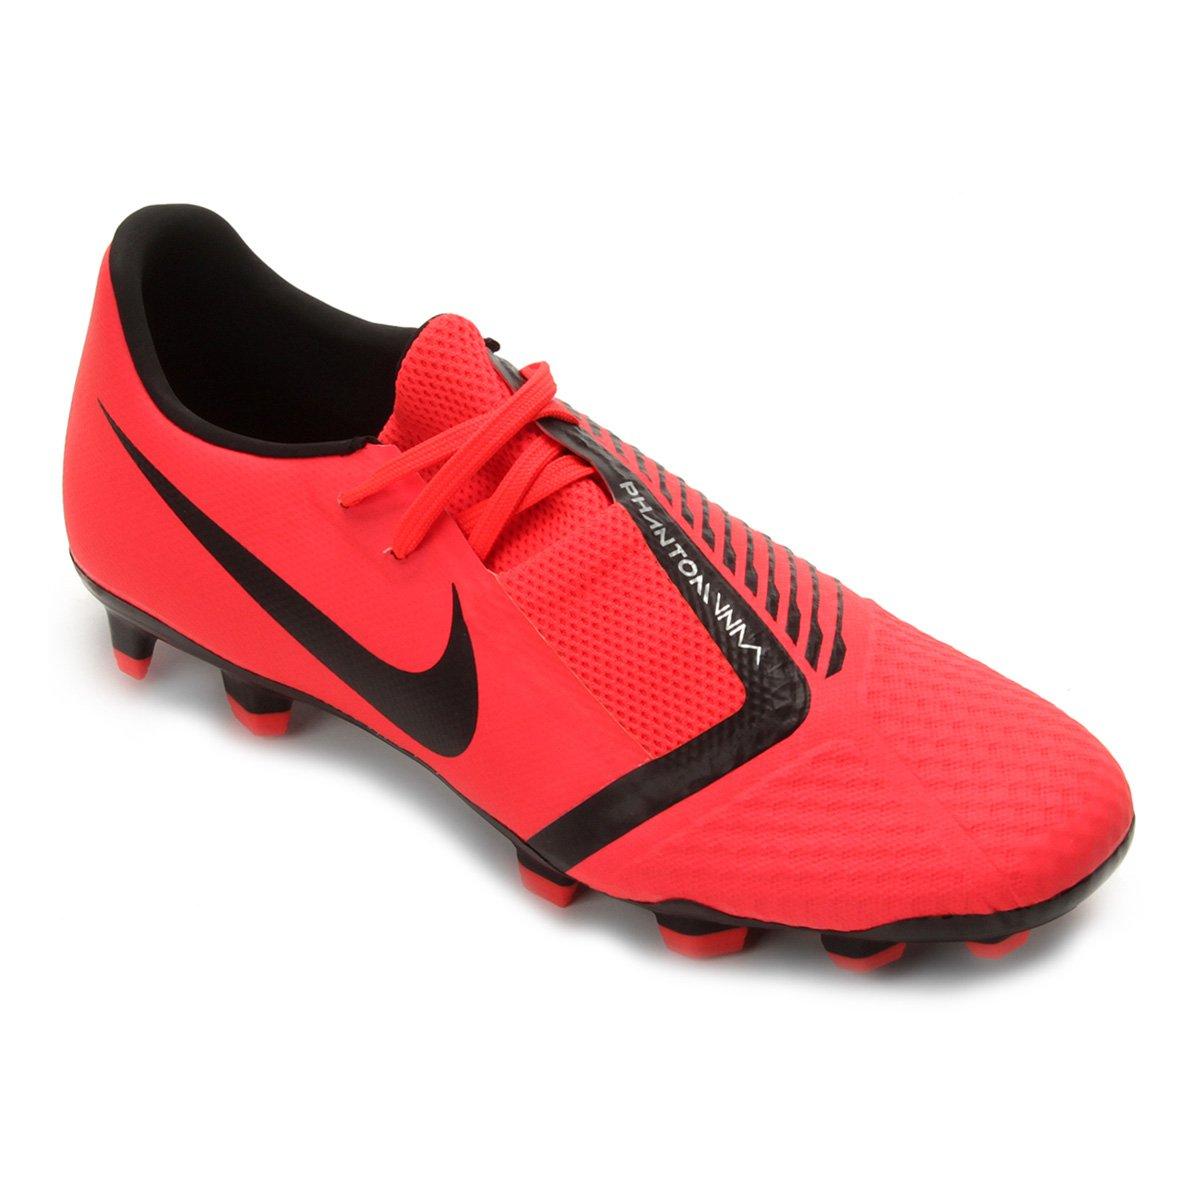 0f722ed4d Chuteira Campo Nike Phantom Venom Academy FG - Vermelho e Preto - Compre  Agora